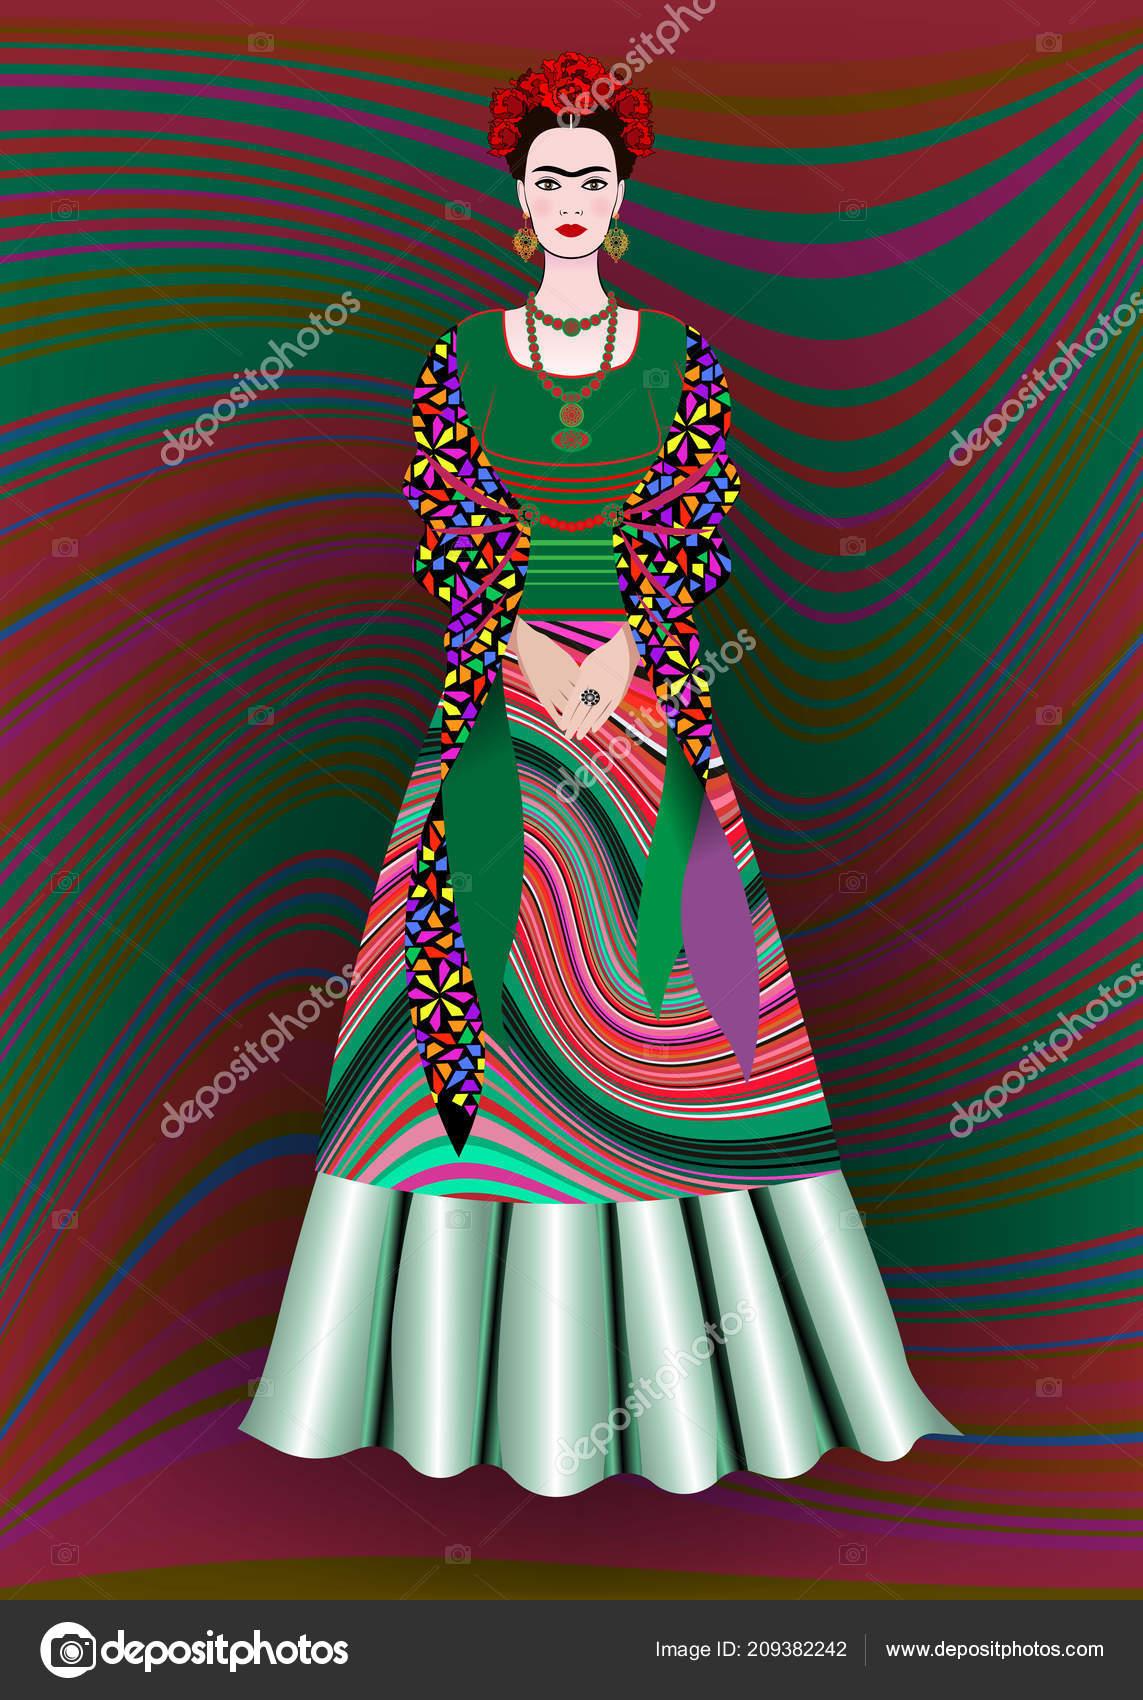 b5e8f91e5b Retrato Vector Frida Kahlo Mujer Mexicana Con Peinado Tradicional Artesanías  — Vector de stock